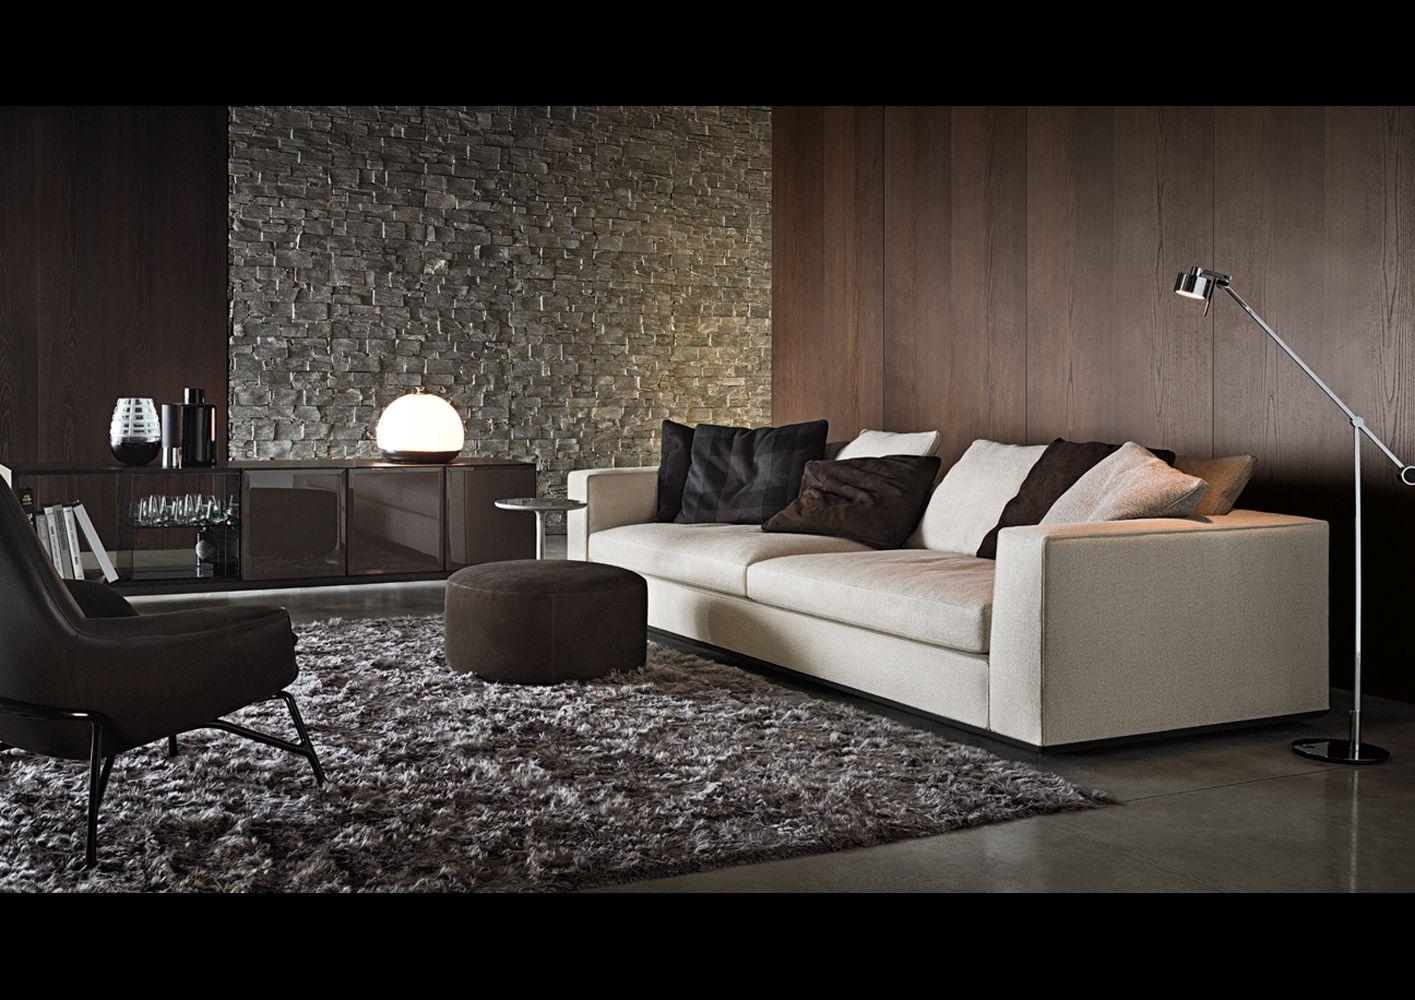 minotti sofas australia cameron sofa reviews powell di divani e poltrone arredamento